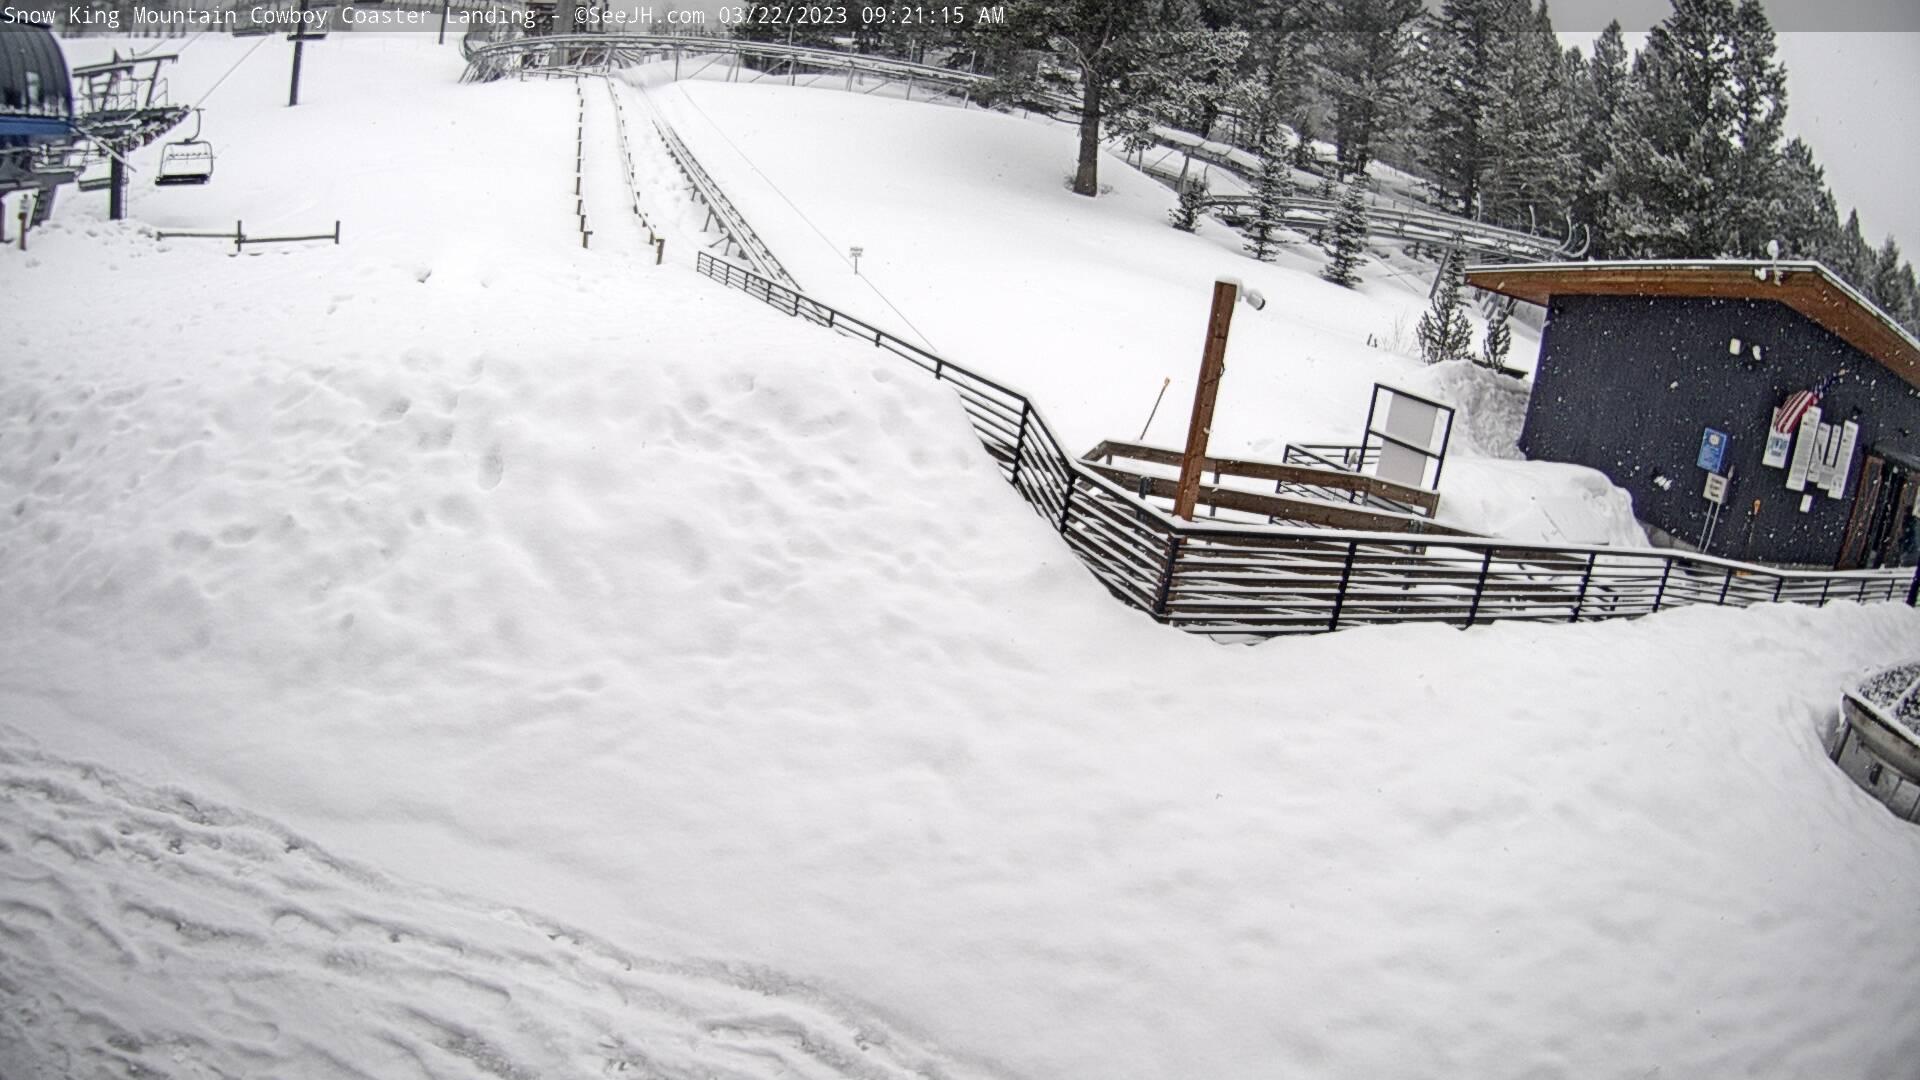 Snow King Mountain Landing